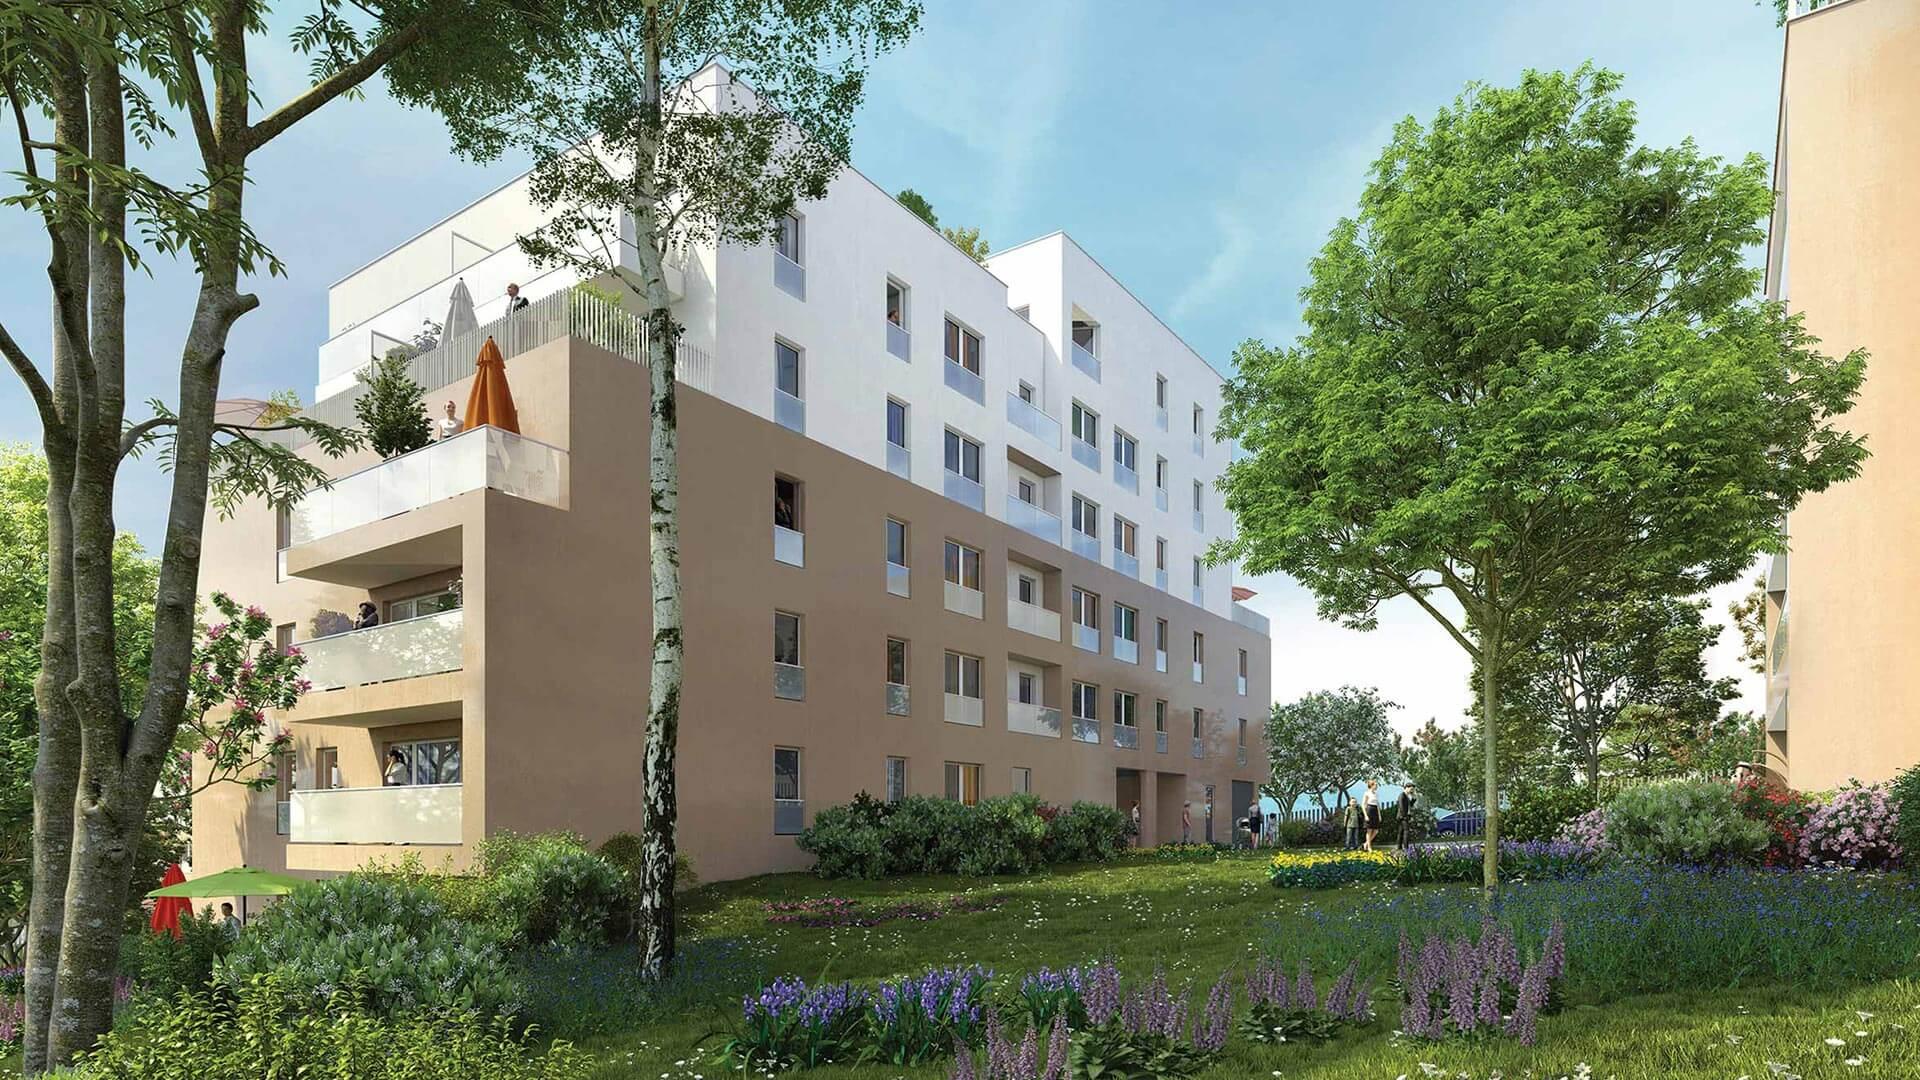 Maison de retraite bagneux best programme immobilier neuf for Appartement maison de retraite